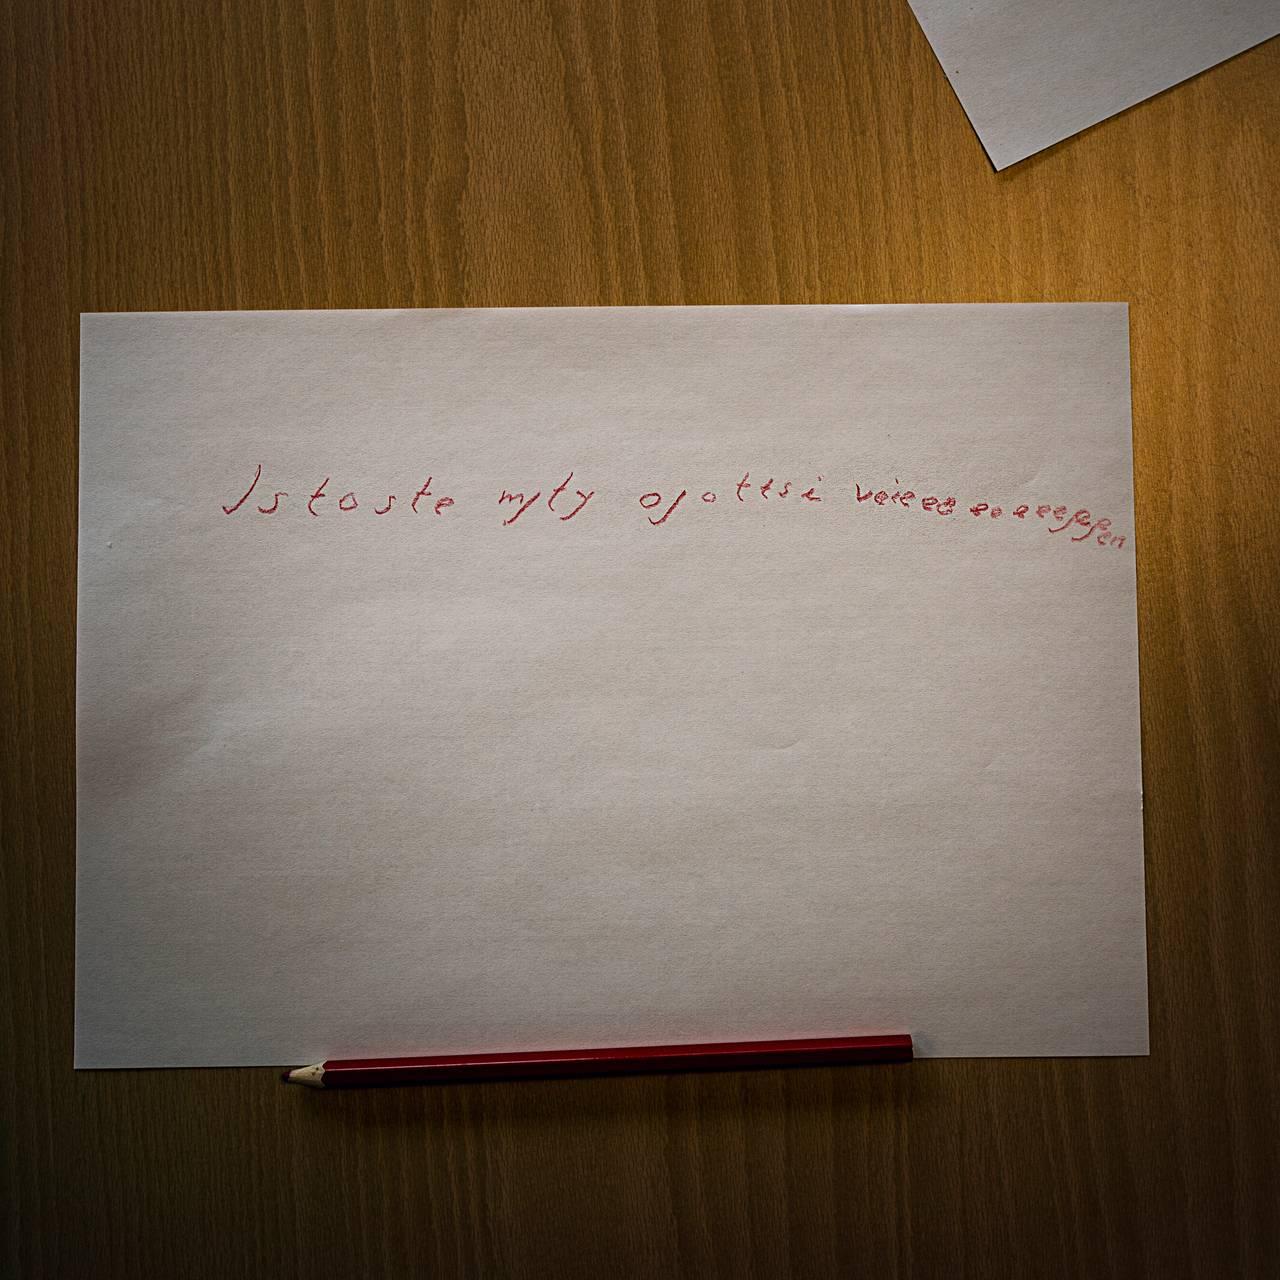 """En av beboerene på Silurveien har forsøkt å skrive et kjærlighetsbrev. Teksten lyder """"Istoste myty ojottti veiegegggegggegg"""""""